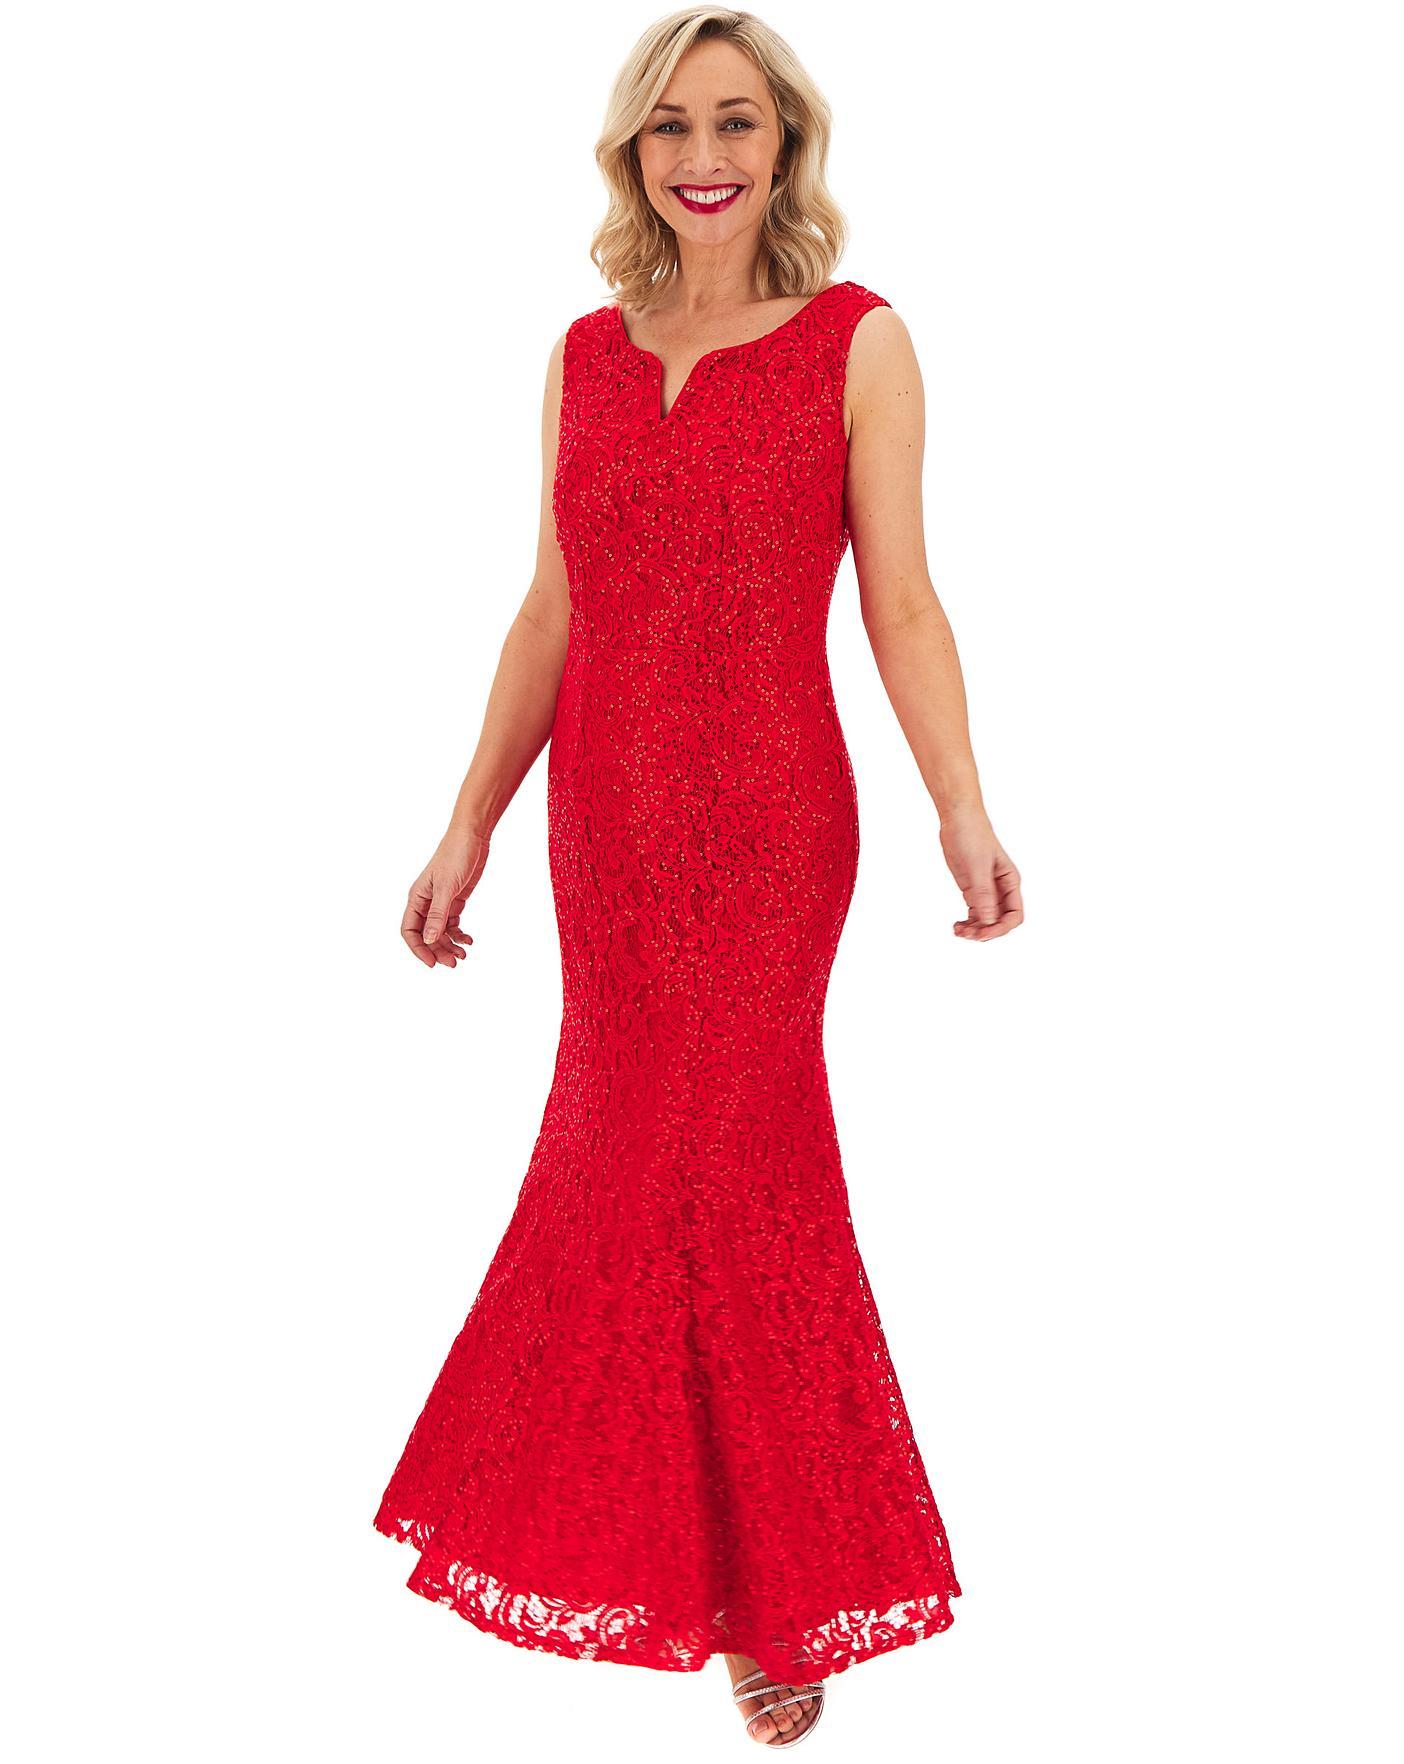 Joanna Hope Red Lace V Neck Maxi Dress